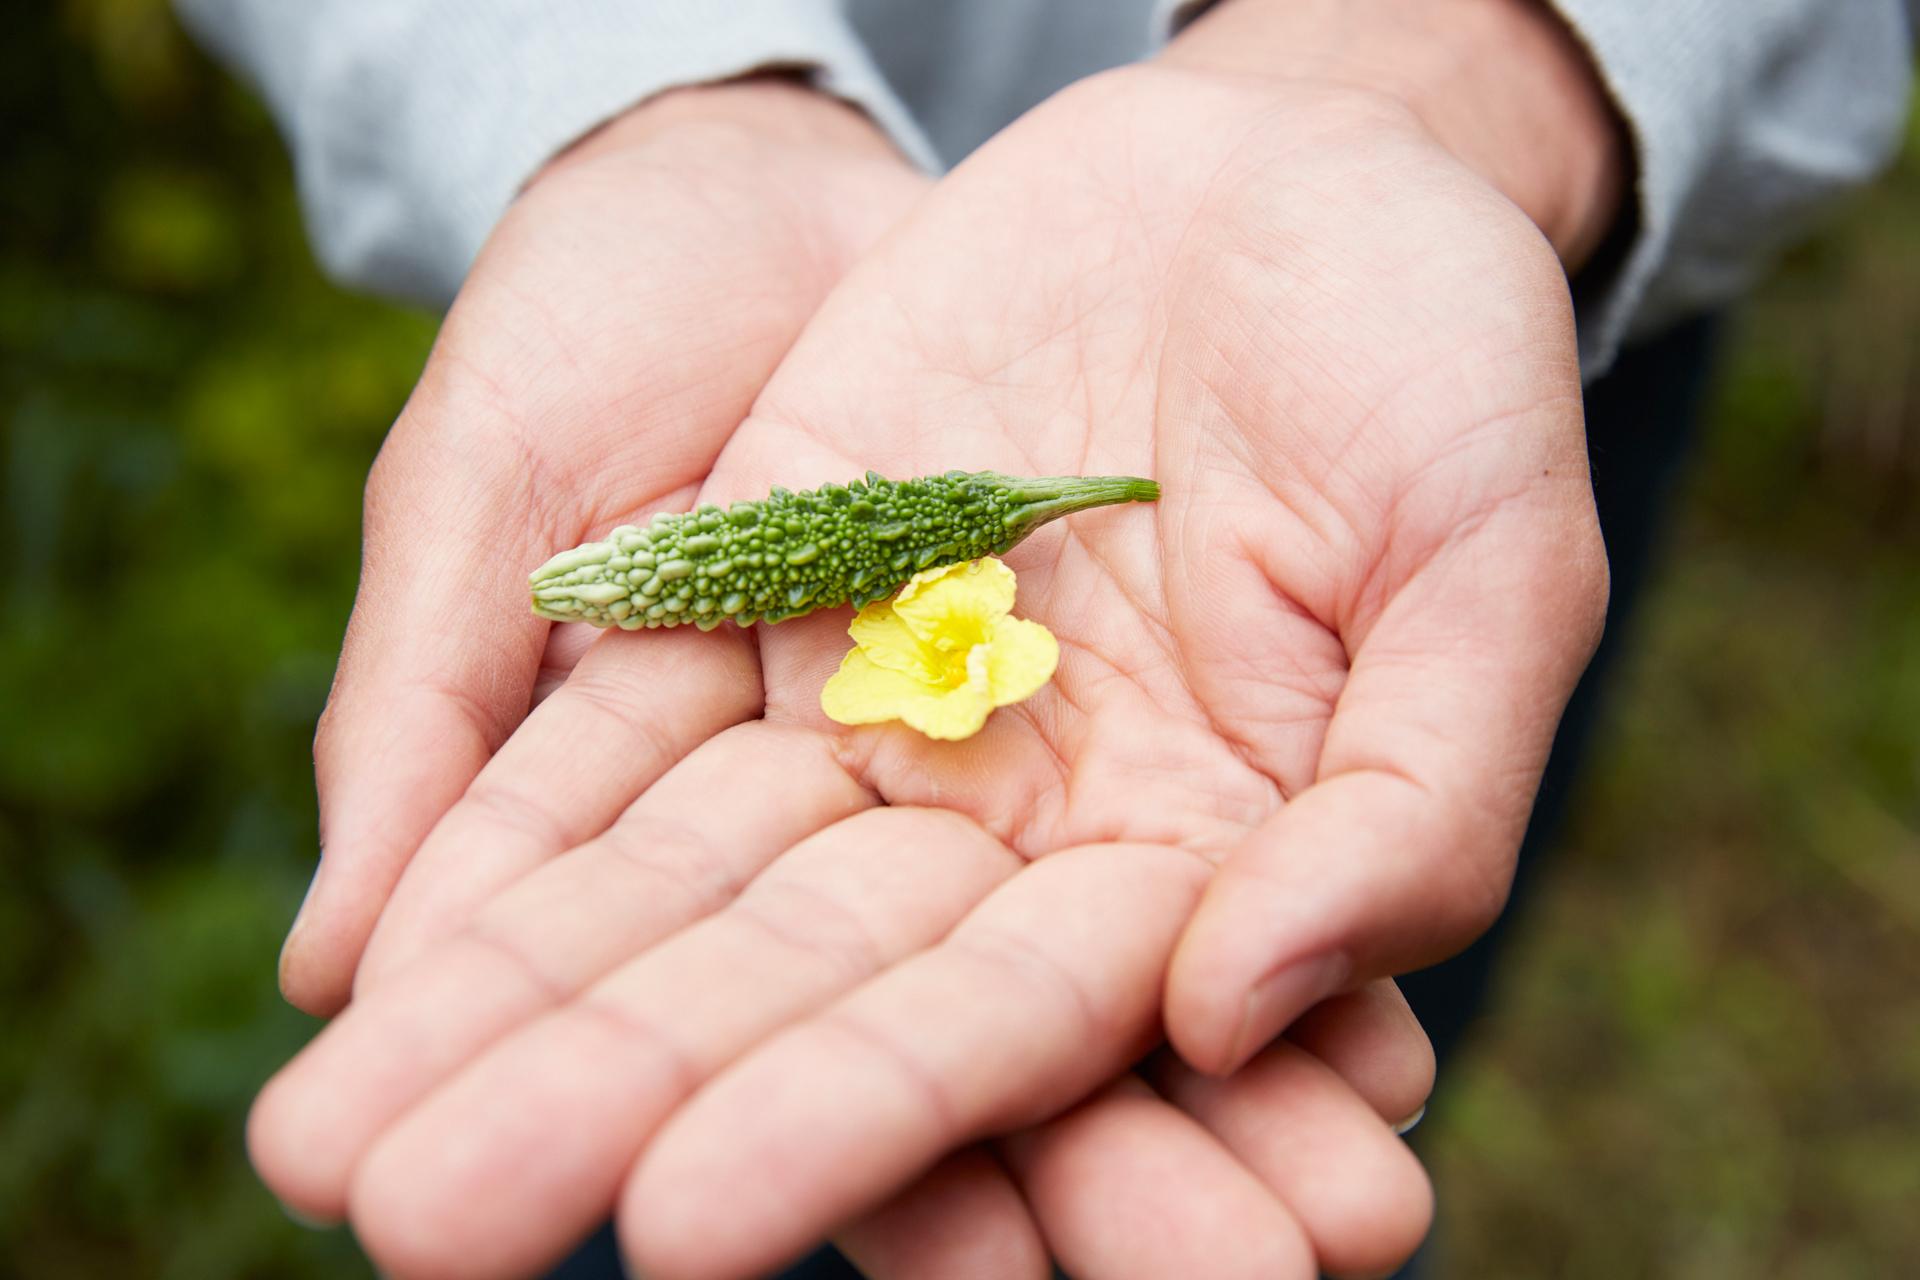 小さいサイズで収穫した野菜